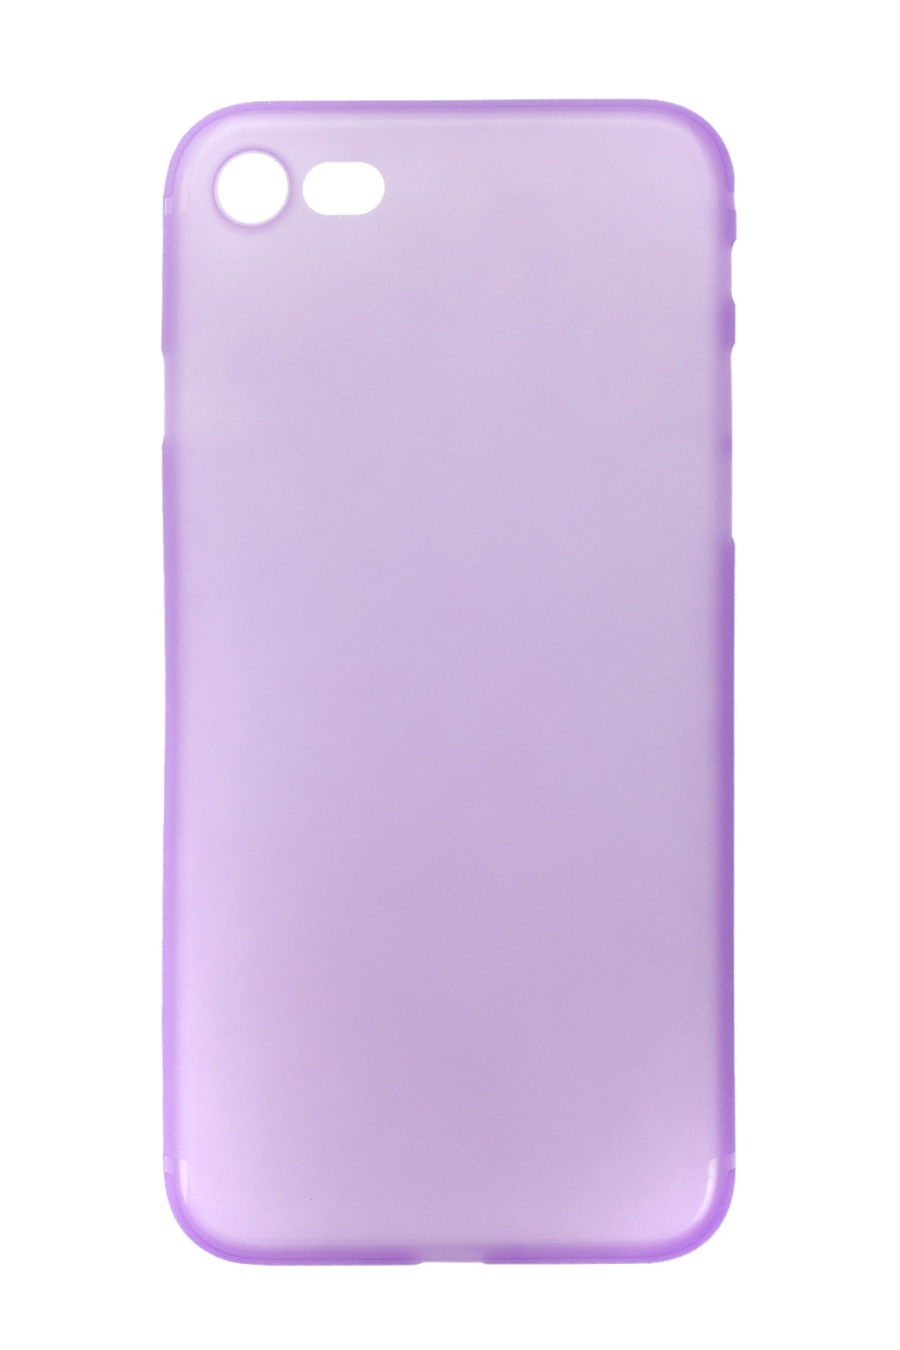 Чехол для сотового телефона IQ Format Iphone 7 ультра тонкая, 4627104428200, синий аксессуар чехол крышка iq format для iphone 7 green